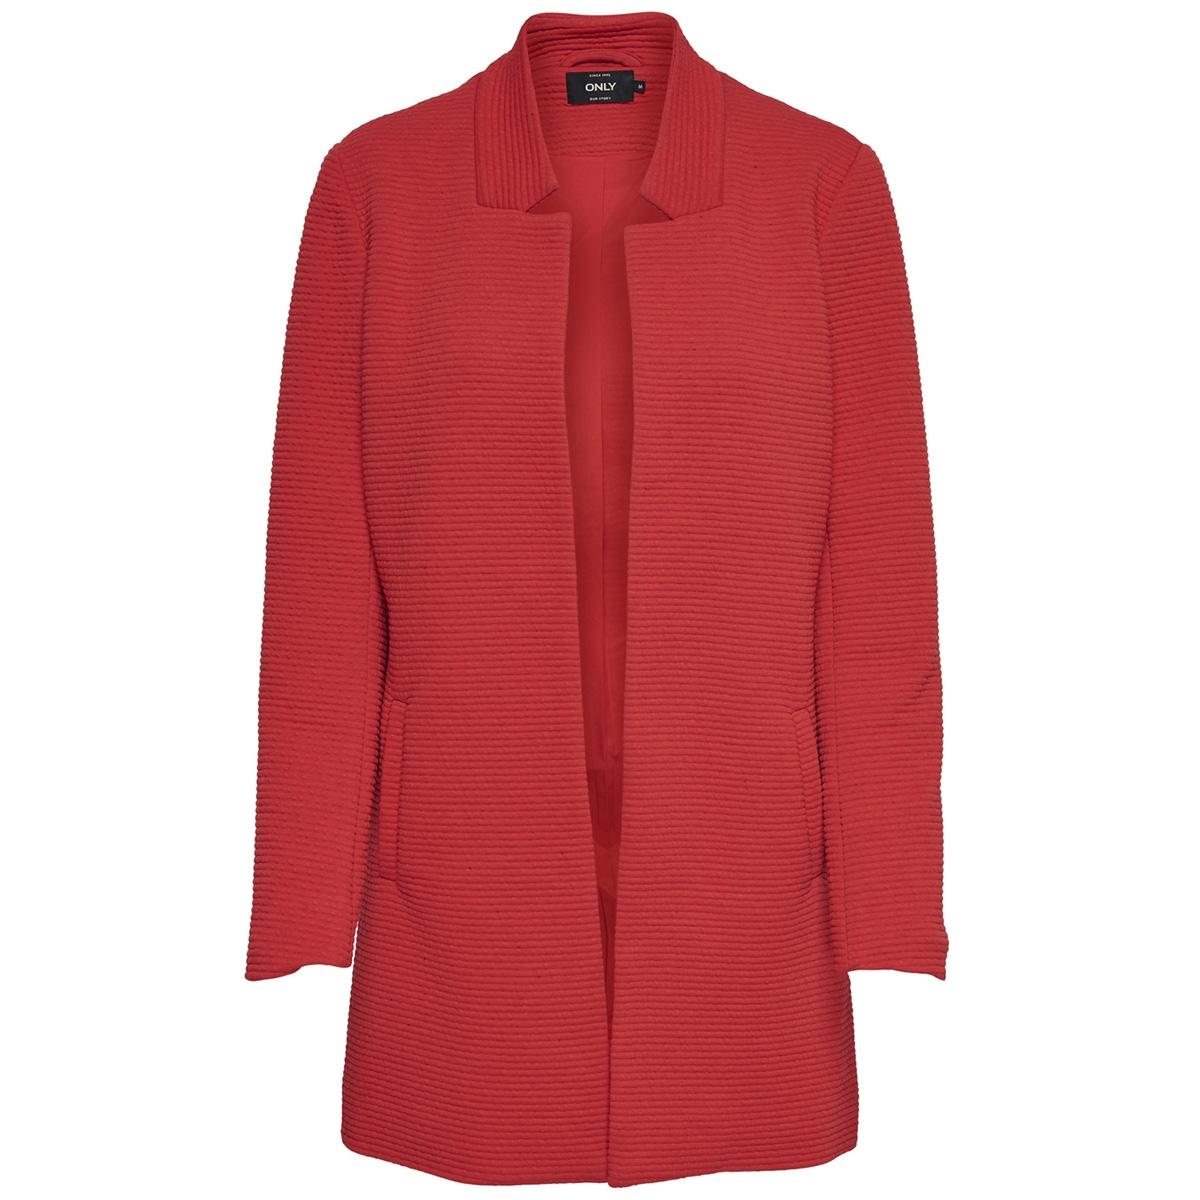 onllink soho l/s coatigan cc tlr 15166750 only vest high risk red/solid